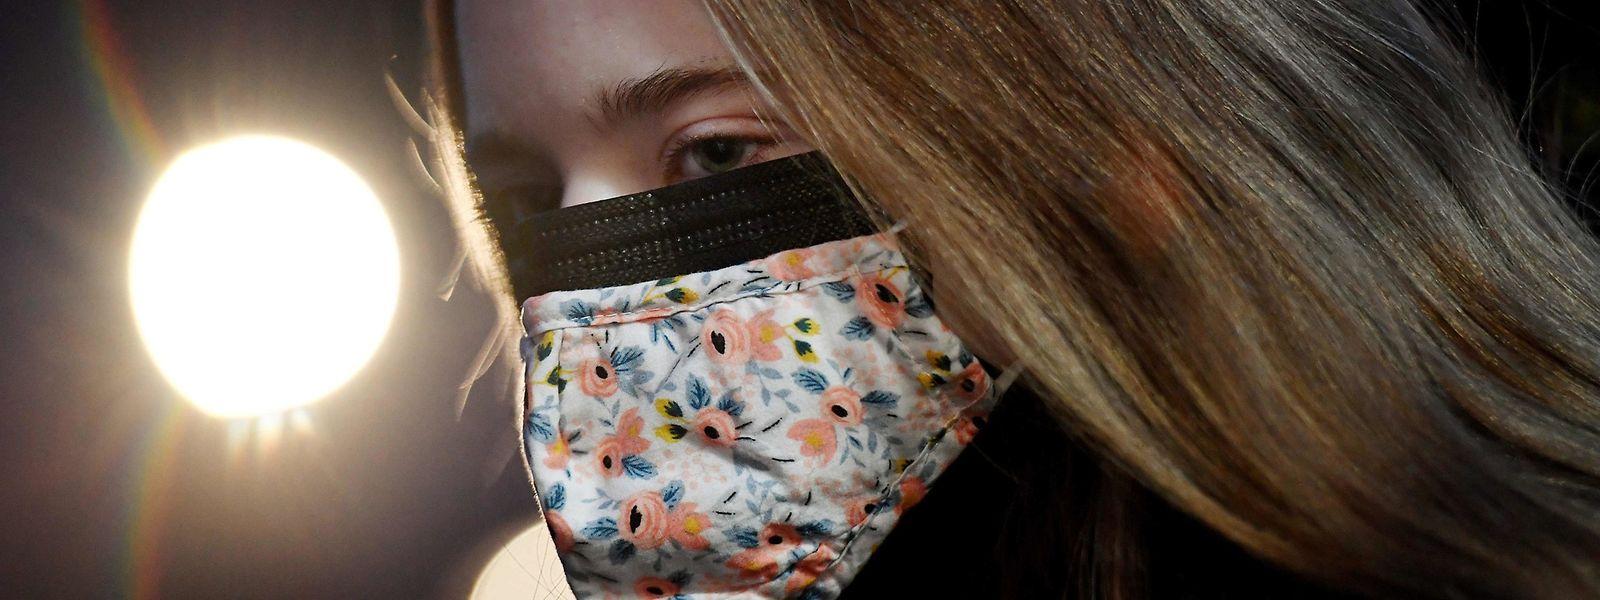 En Autriche et dans une partie de l'Allemagne, les masques en tissu ne sont plus autorisés dans les transports en commun et magasins.